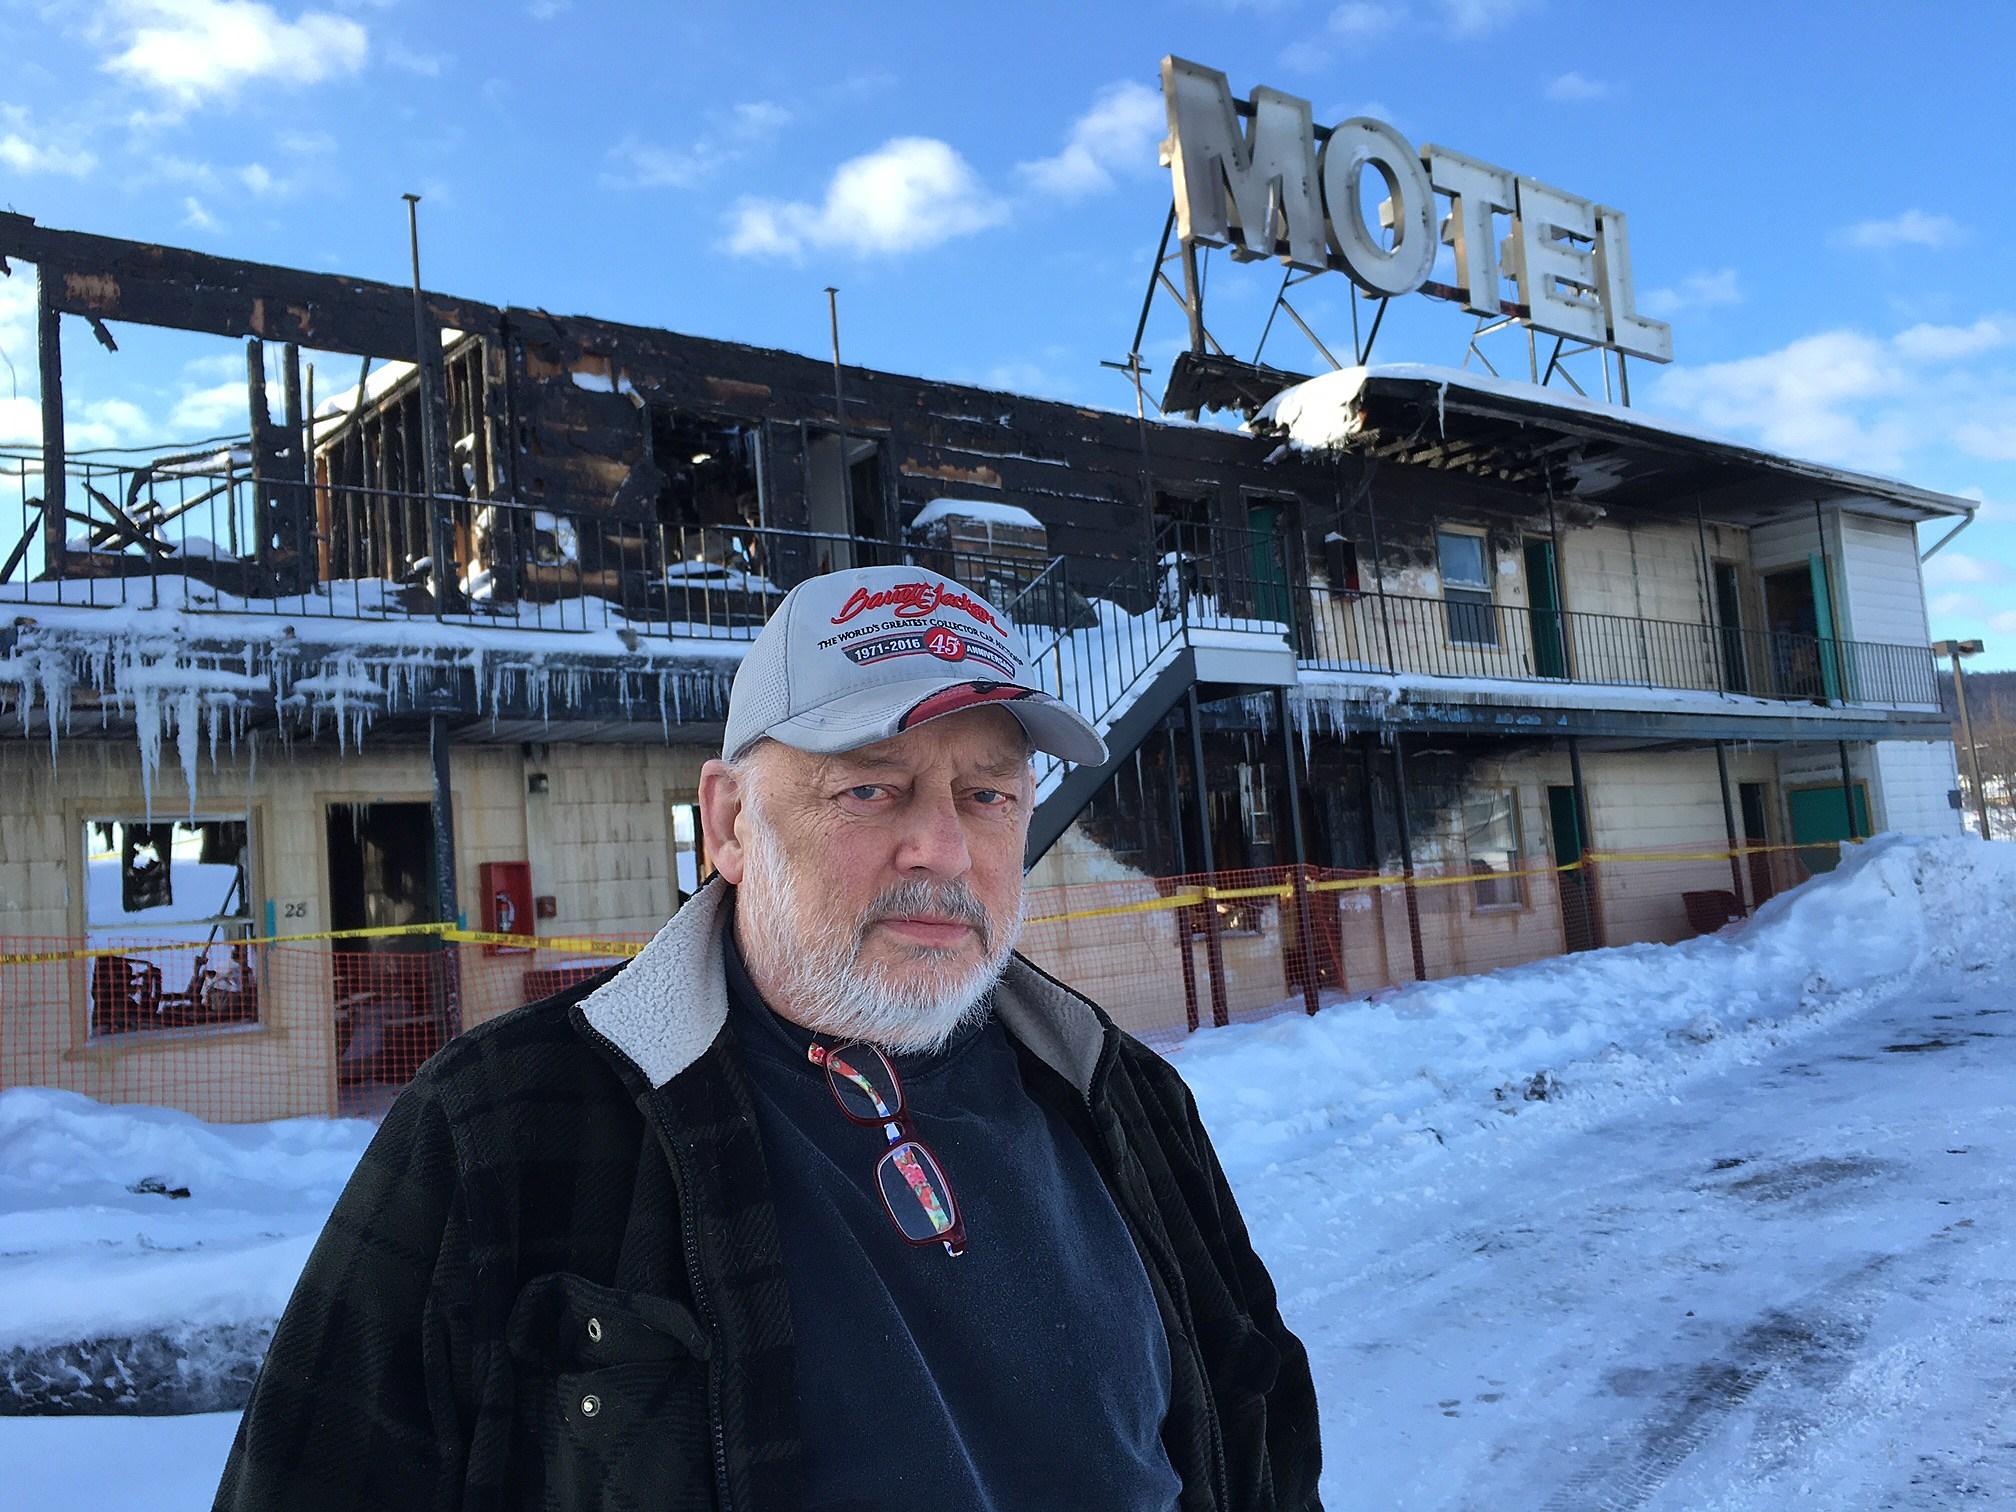 Walt Stevens stands near the fire-damaged Skylark Motel on March 16, 2017. (Photo: Bob Joseph/WNBF News)